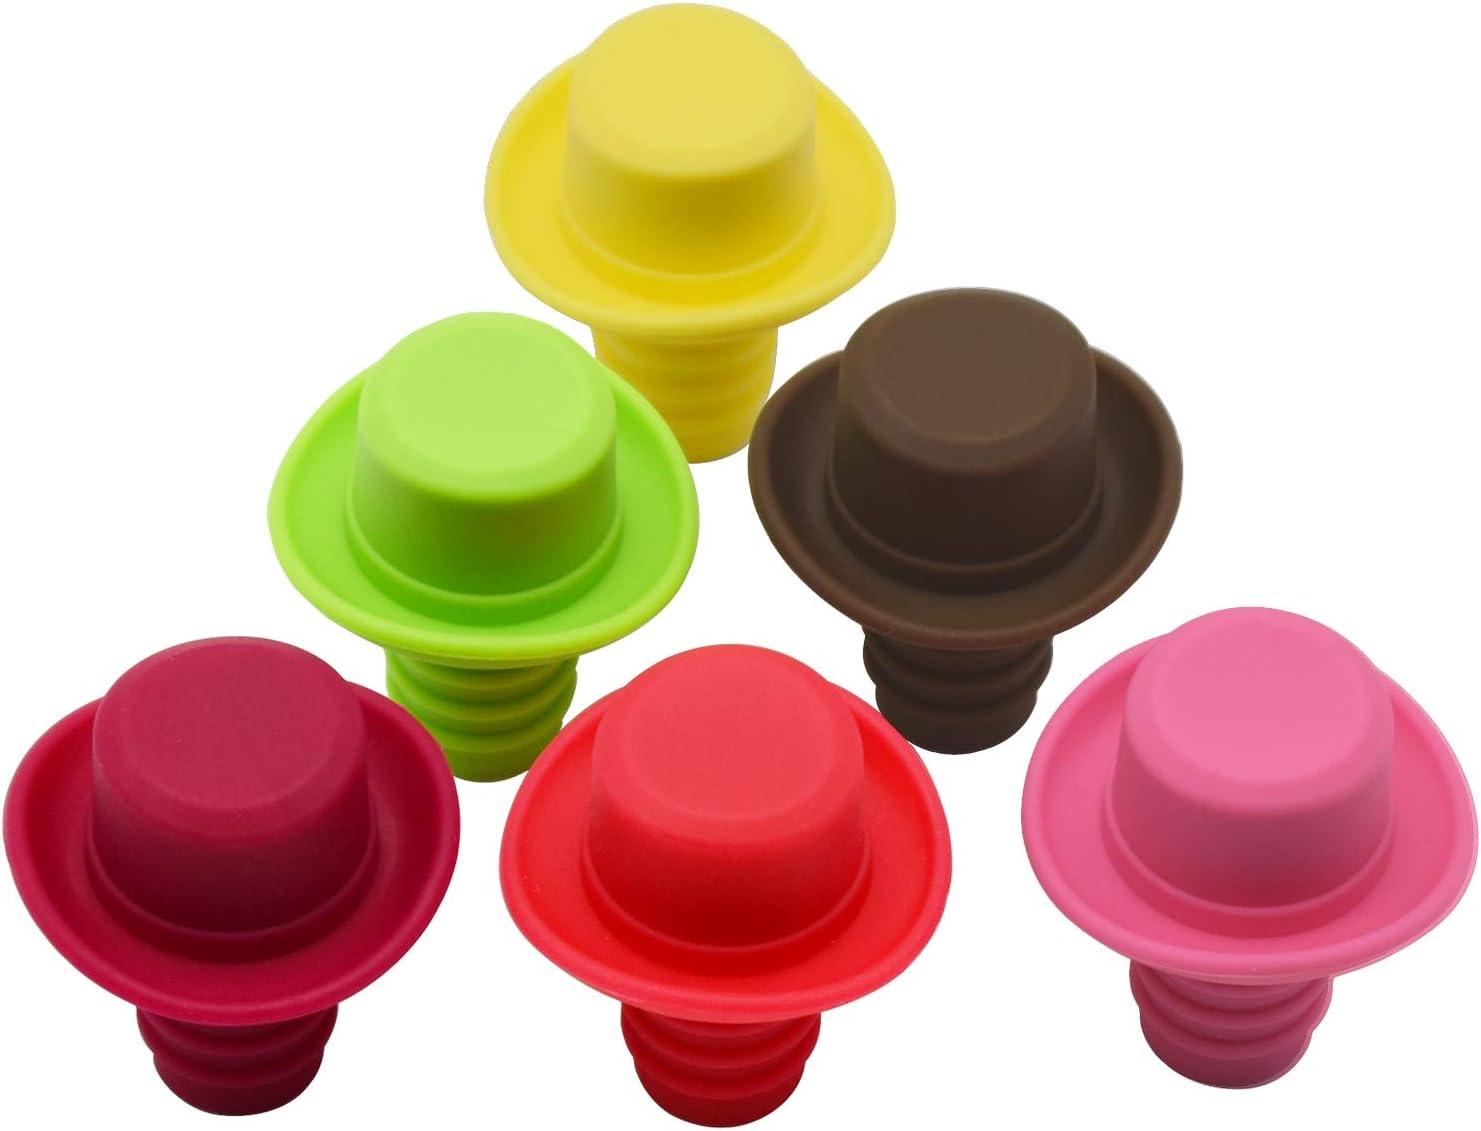 Silicona tapón para botella de vino con tapones de corcho, con Set de 6Rainbow Colored Fits para sellar y preservar su vino favorito